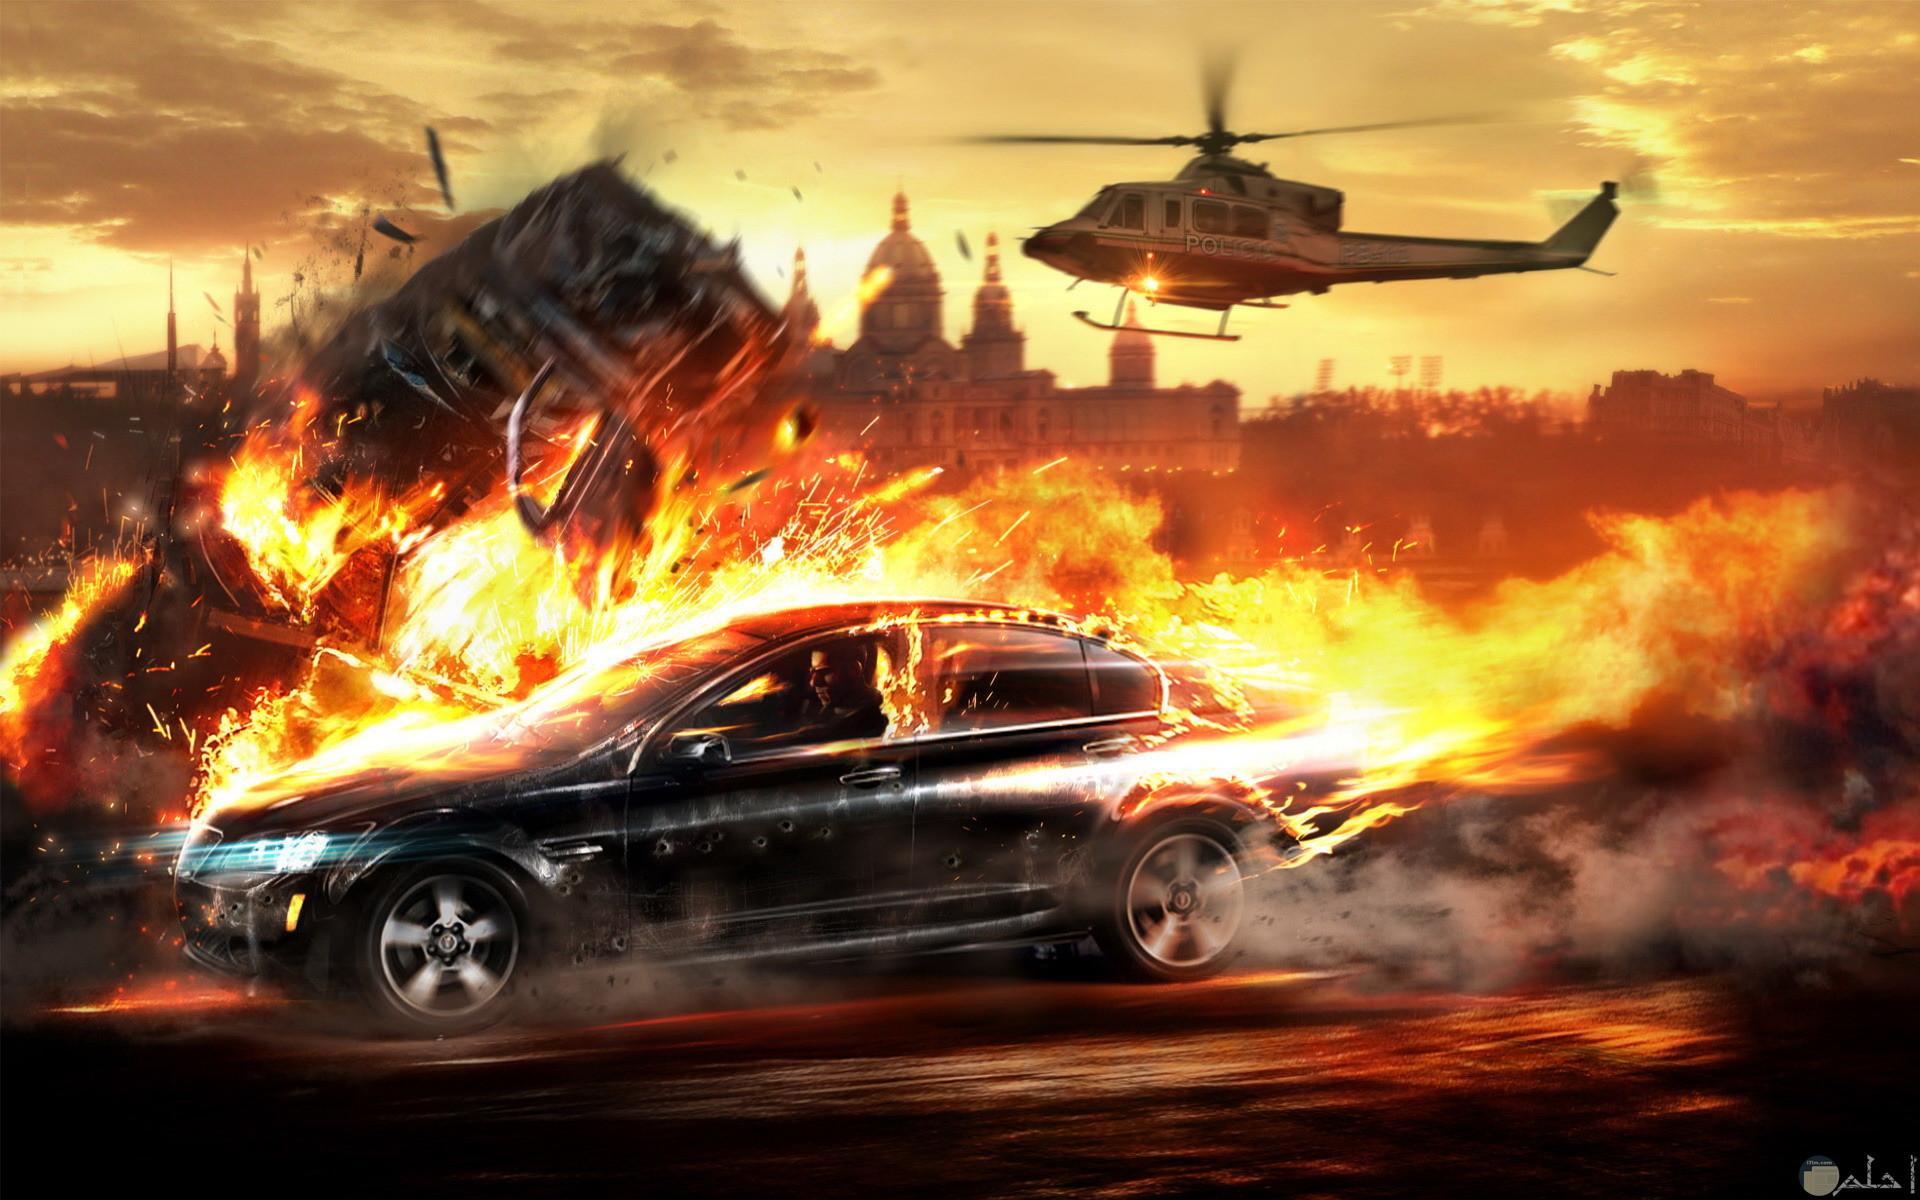 حروب وانفجار سيارة وطائرة هليكوتر